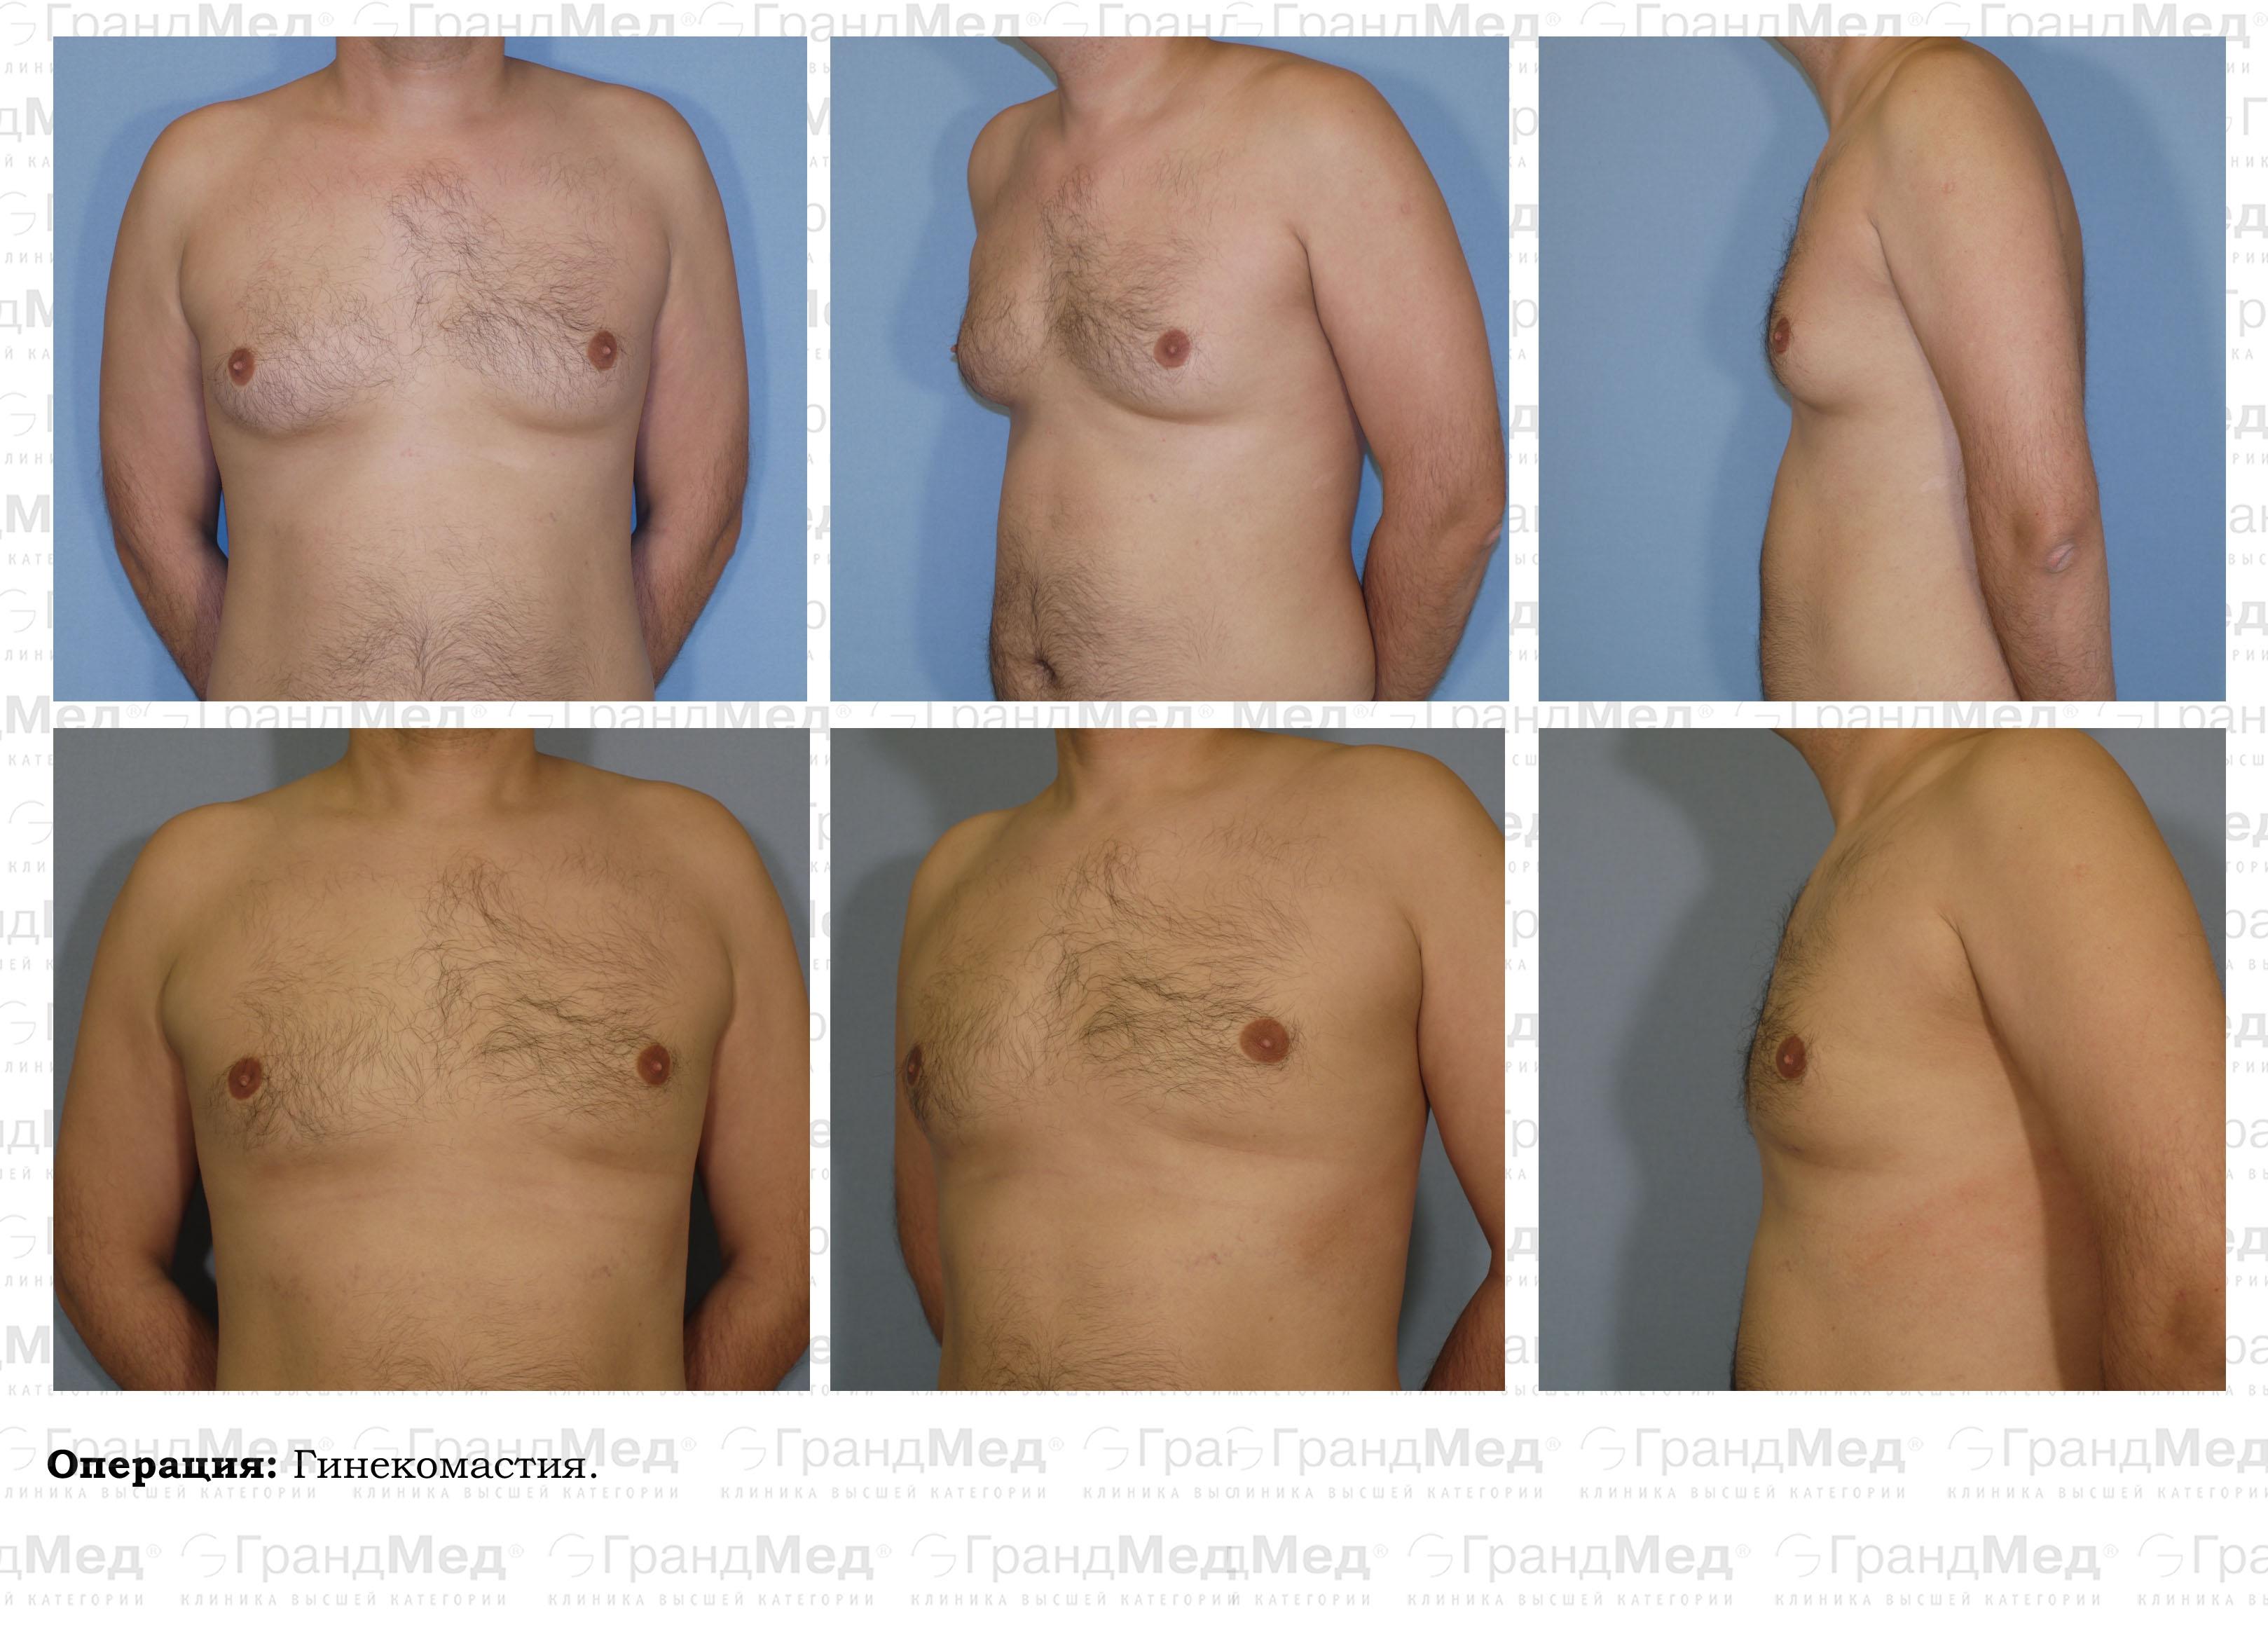 У кого сделать операцию по увеличению груди